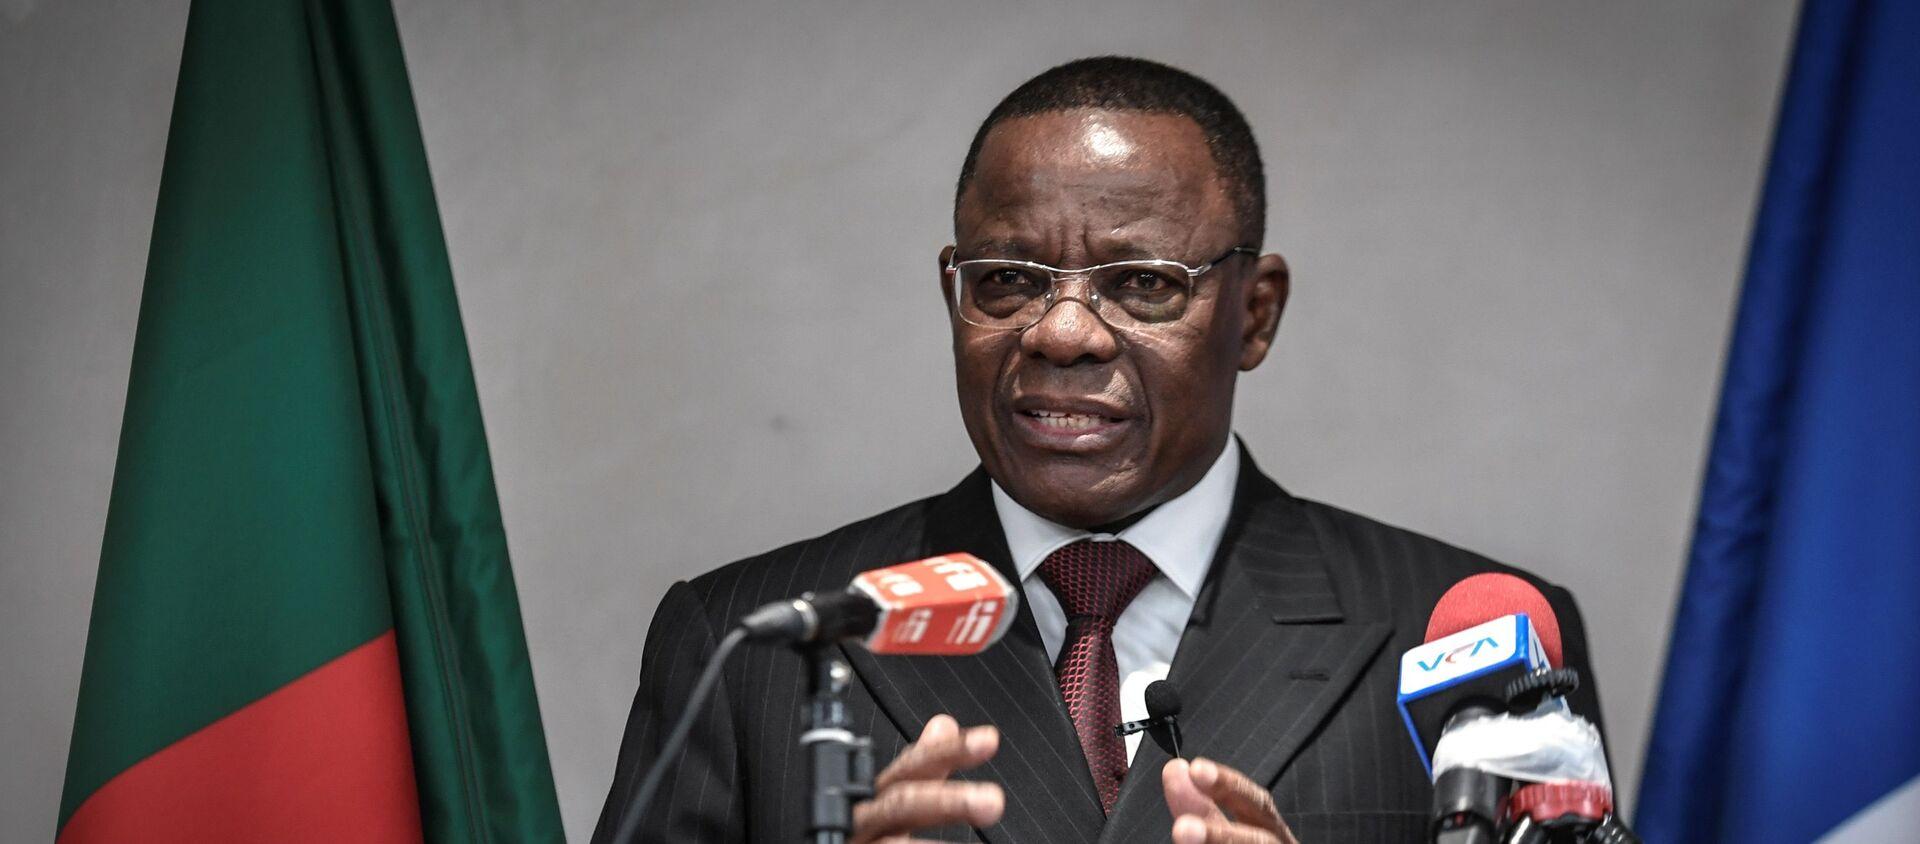 Muarice Kamto, leader du parti d'opposition camerounais Tenaissance pour le Cameroun (MRC) - Sputnik France, 1920, 29.09.2020